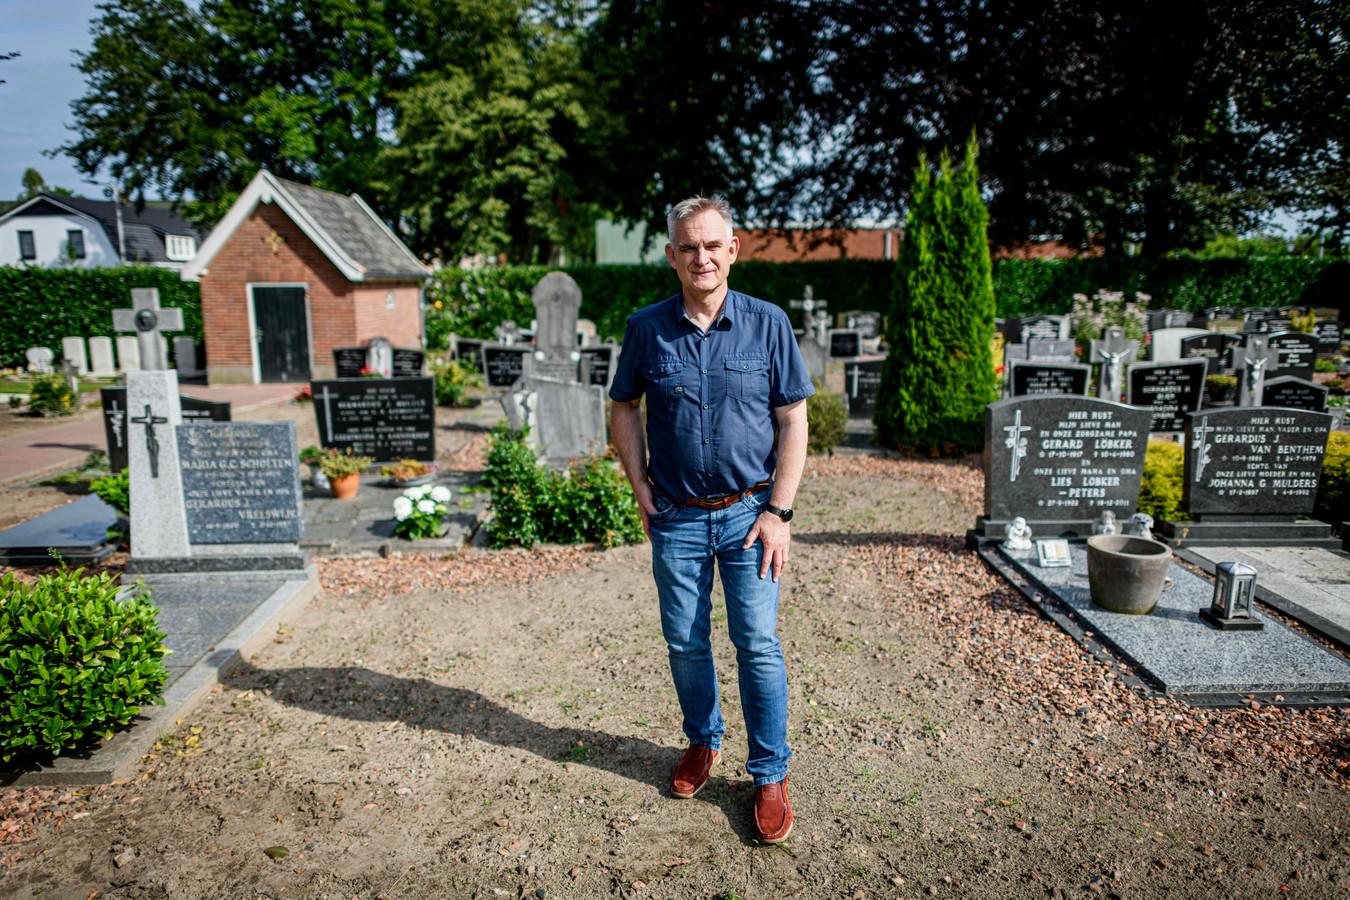 André Oude Weernink, administrateur van de begraafplaats locatie Weerselo, bij de plek waar Bernard Plegt ligt begraven. Binnenkort krijgt hij weer een graf met herdenkingssteen.